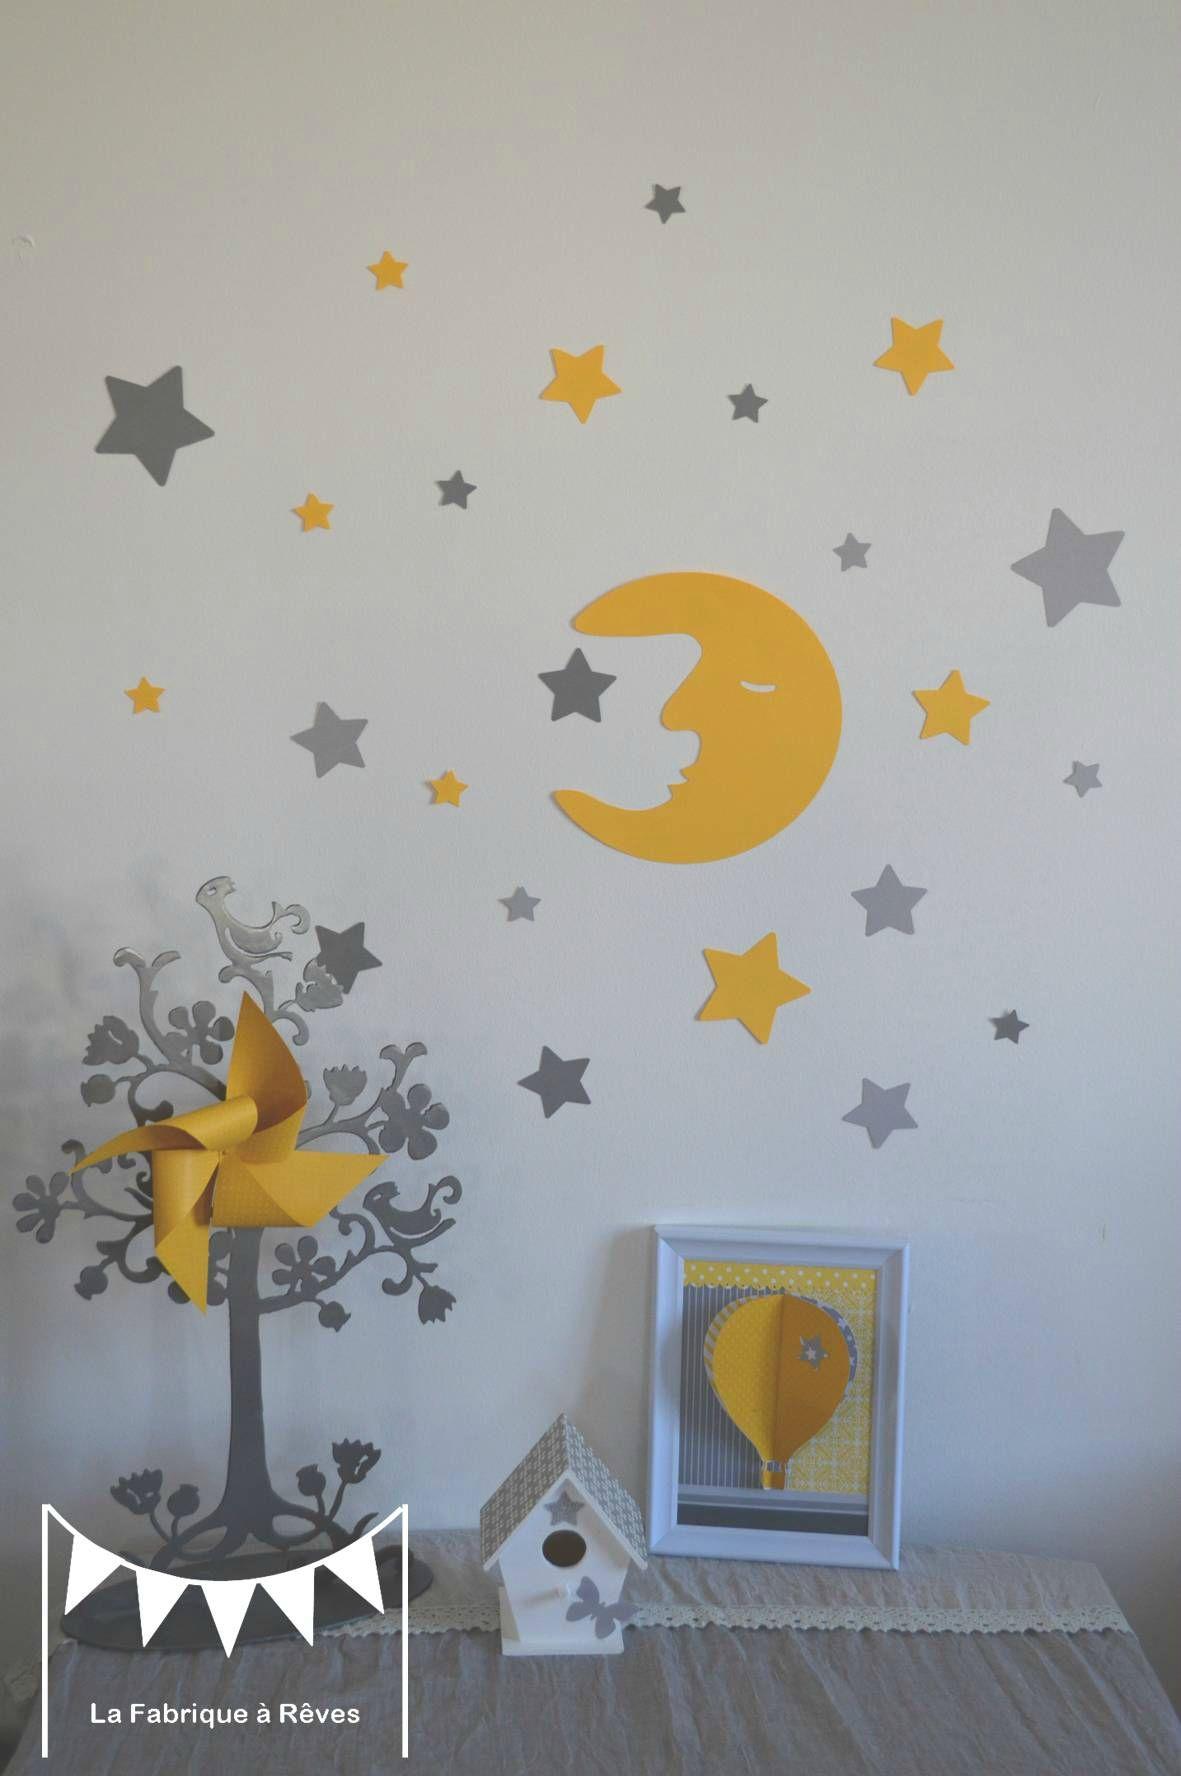 stickers dcoration chambre enfant fille bb garon lune et toiles jaune gris